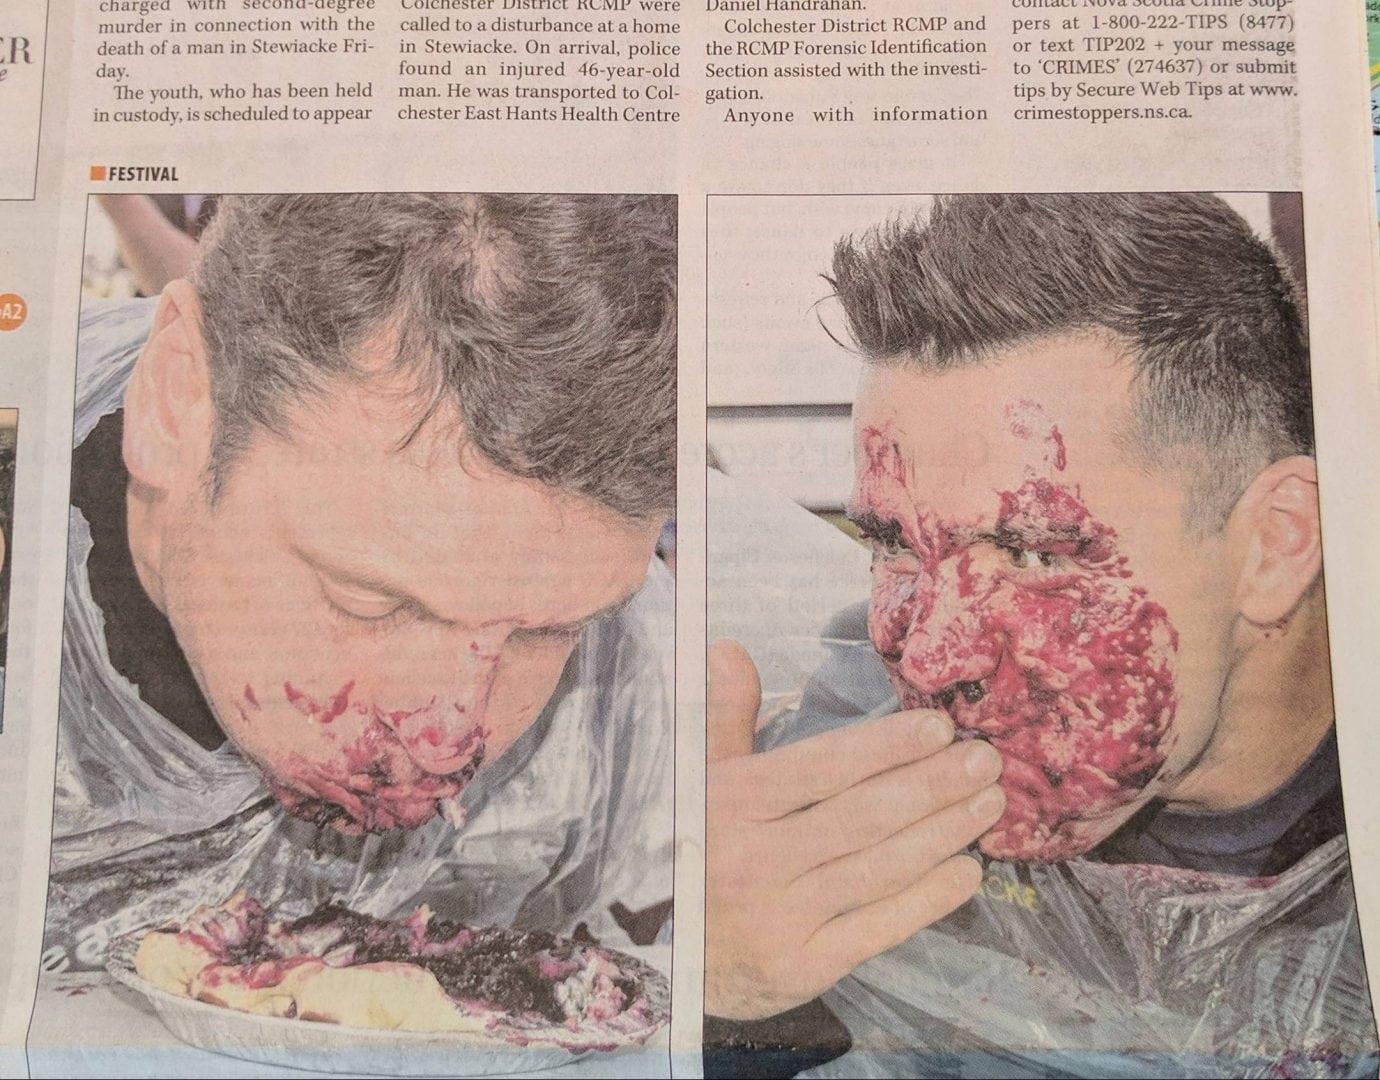 Jornal escolhe a pior foto possível para acompanhar uma história de assassinato